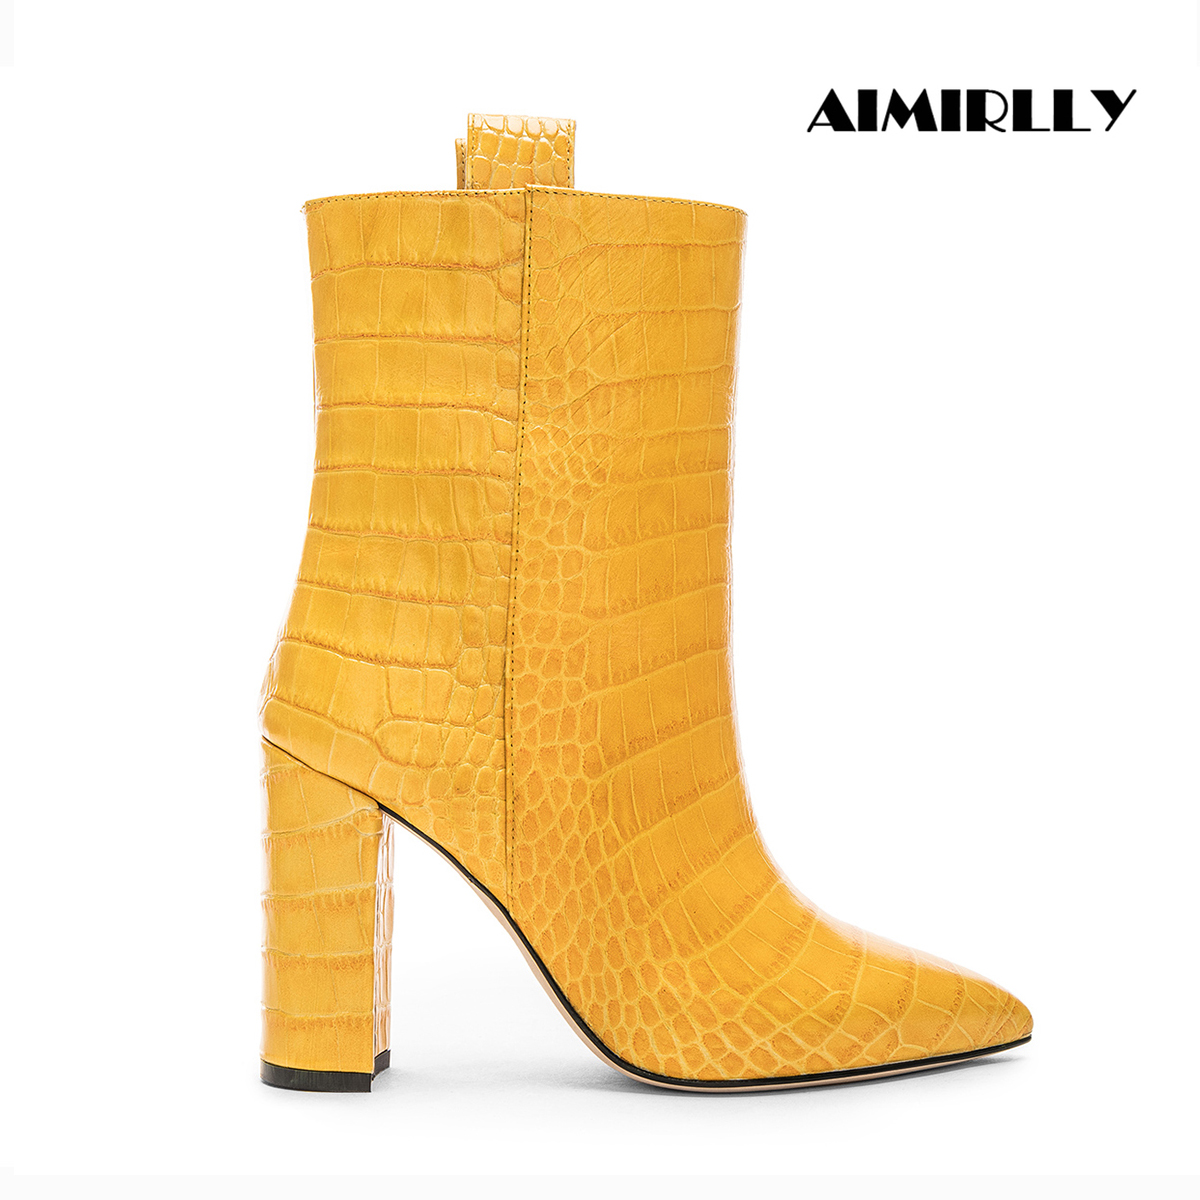 Aimirlly النساء الأحذية وأشار اصبع القدم عالية الكعب حذاء من الجلد التمساح نمط PU السيدات الشتاء حزب Clubwear أحذية بوت قصيرة الجوارب-في أحذية الكاحل من أحذية على  مجموعة 1